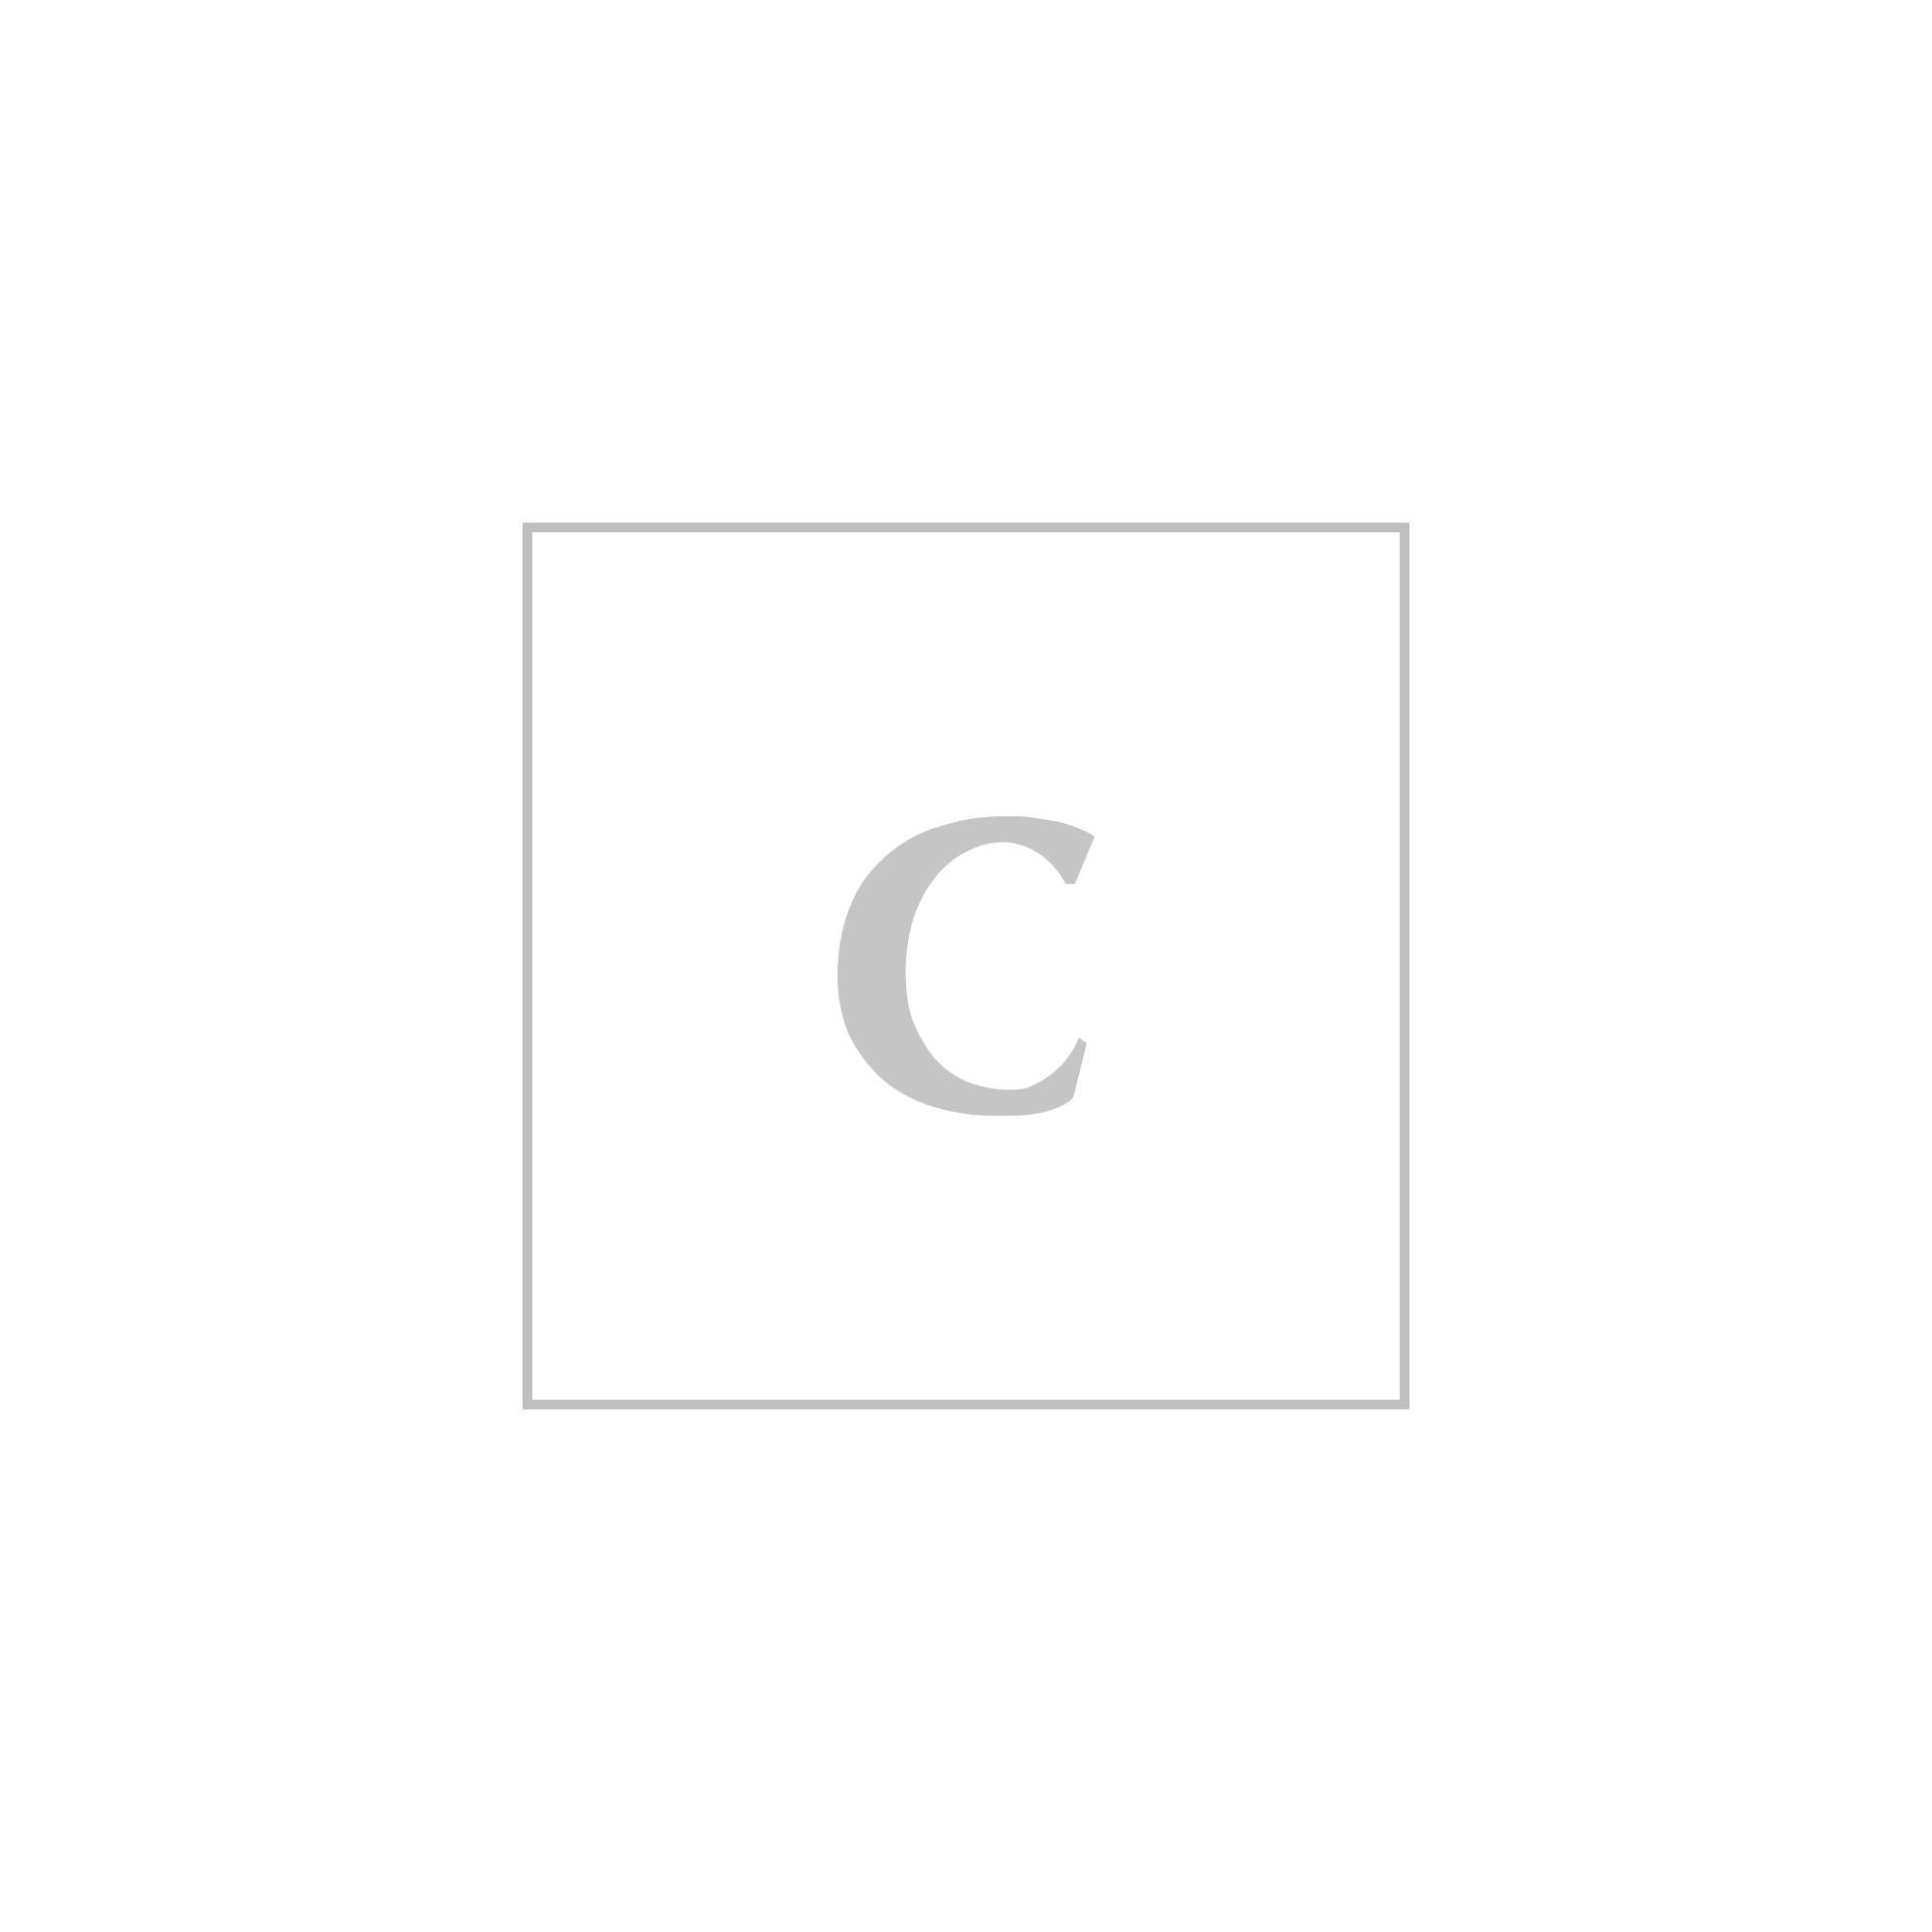 Calvin klein established 1978 denim western shirt